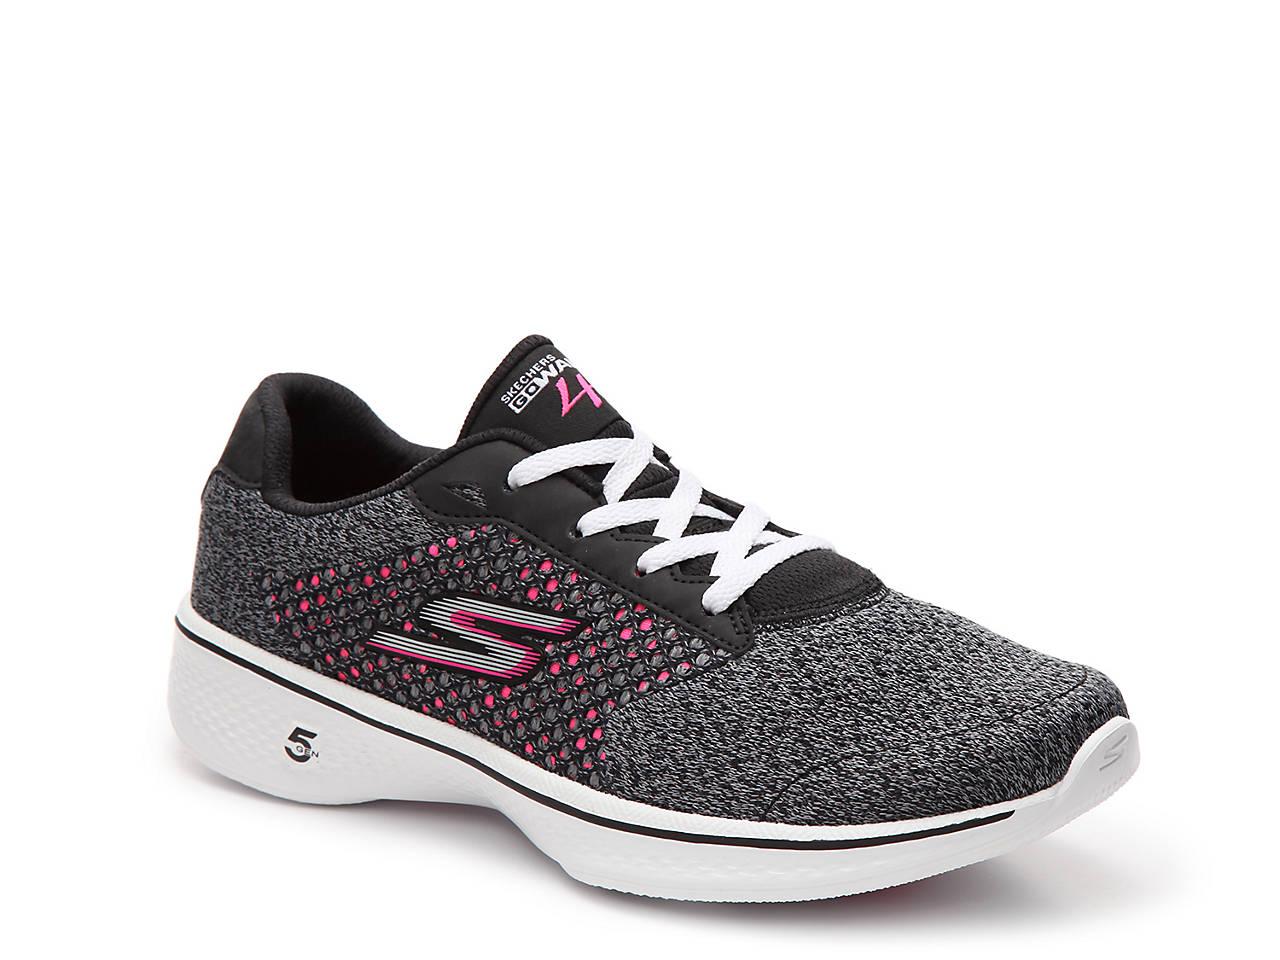 748d9960004c Skechers GOwalk 4 Sneaker - Women s Women s Shoes